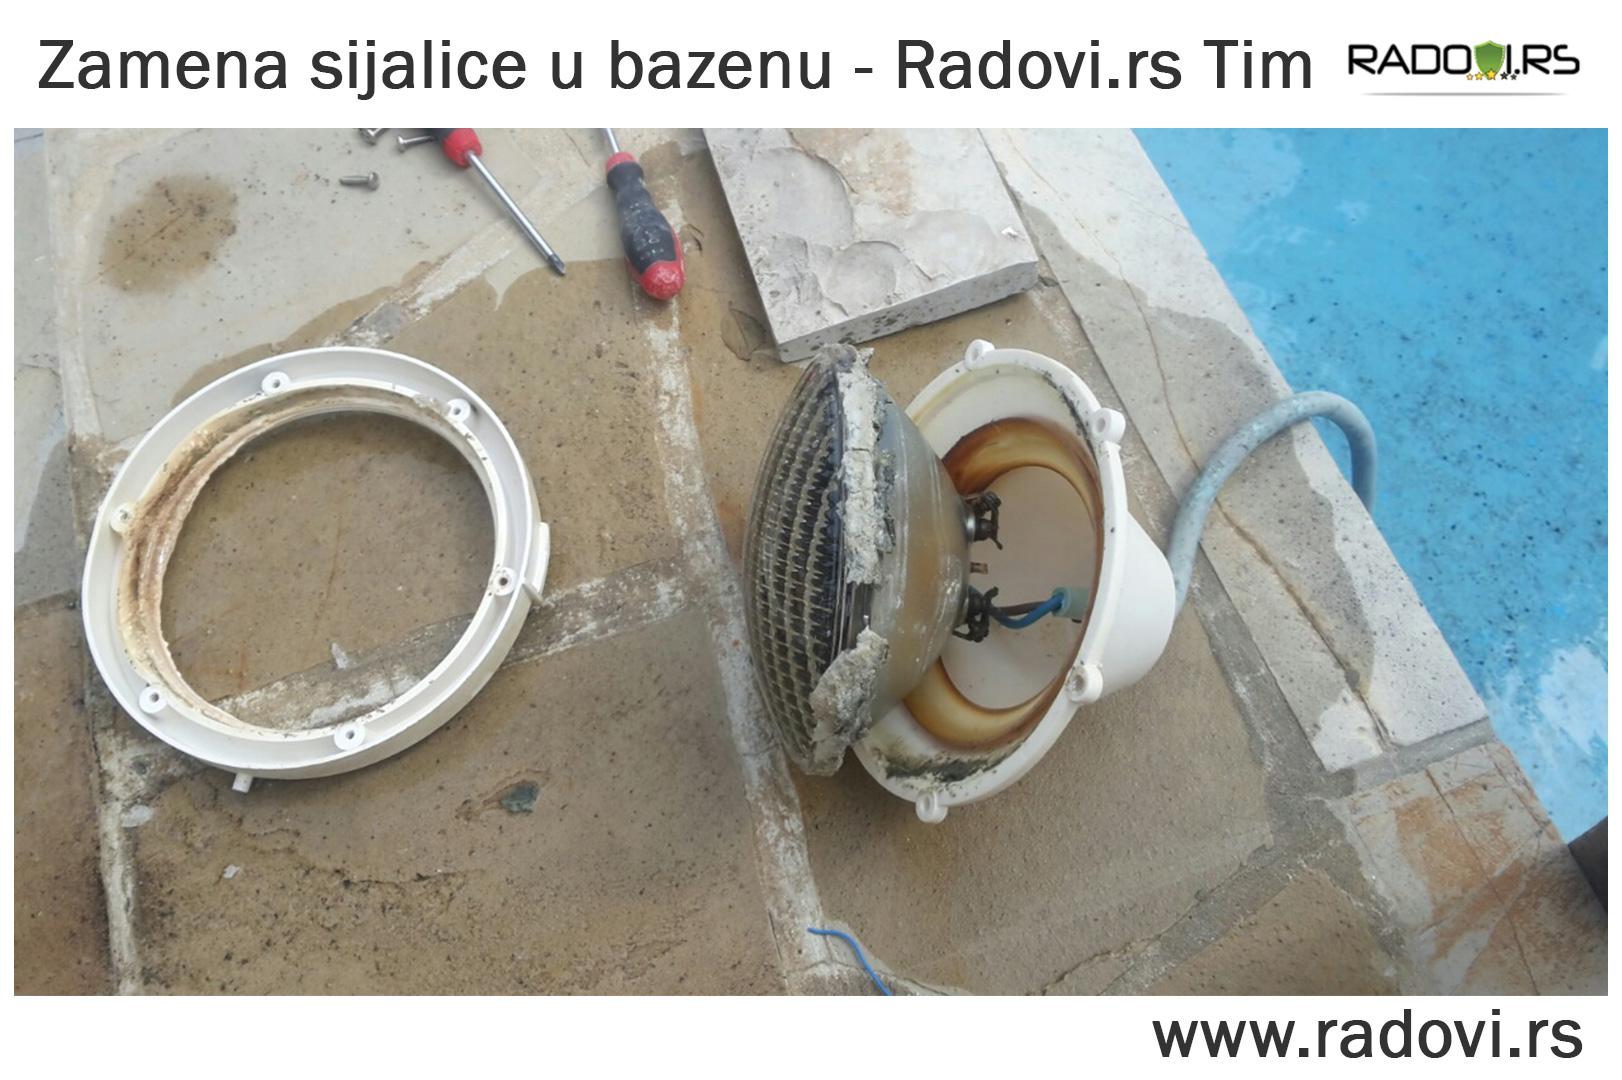 Zamena sijalice u bazenu - održavanje bazena - Radovi.rs Tim